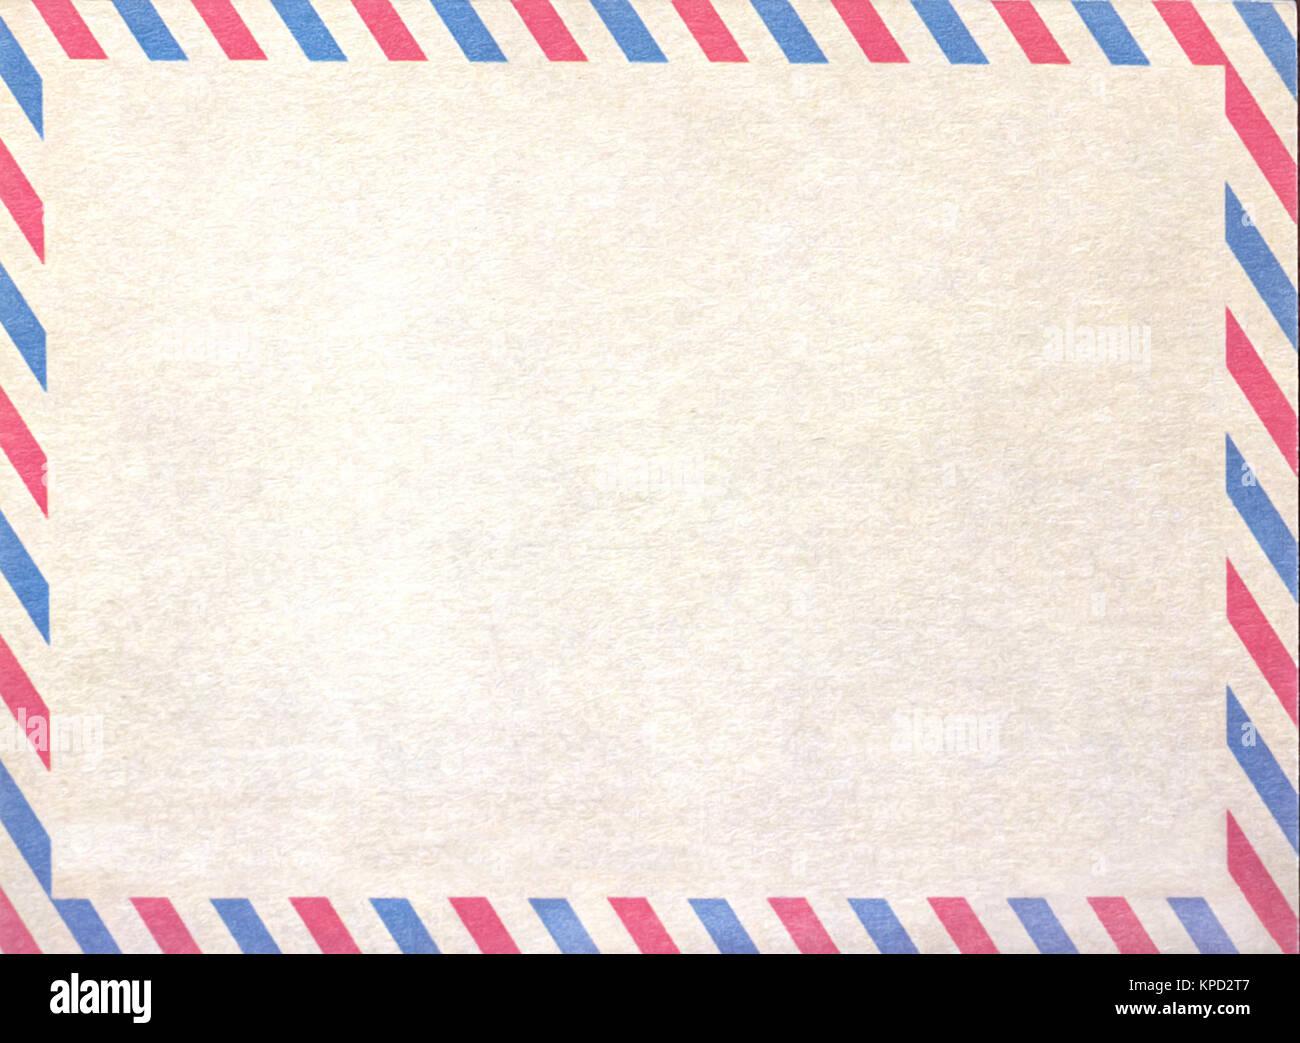 De Par Avion Vide Vide Ou Lettre Papier Carton Banque Dimages